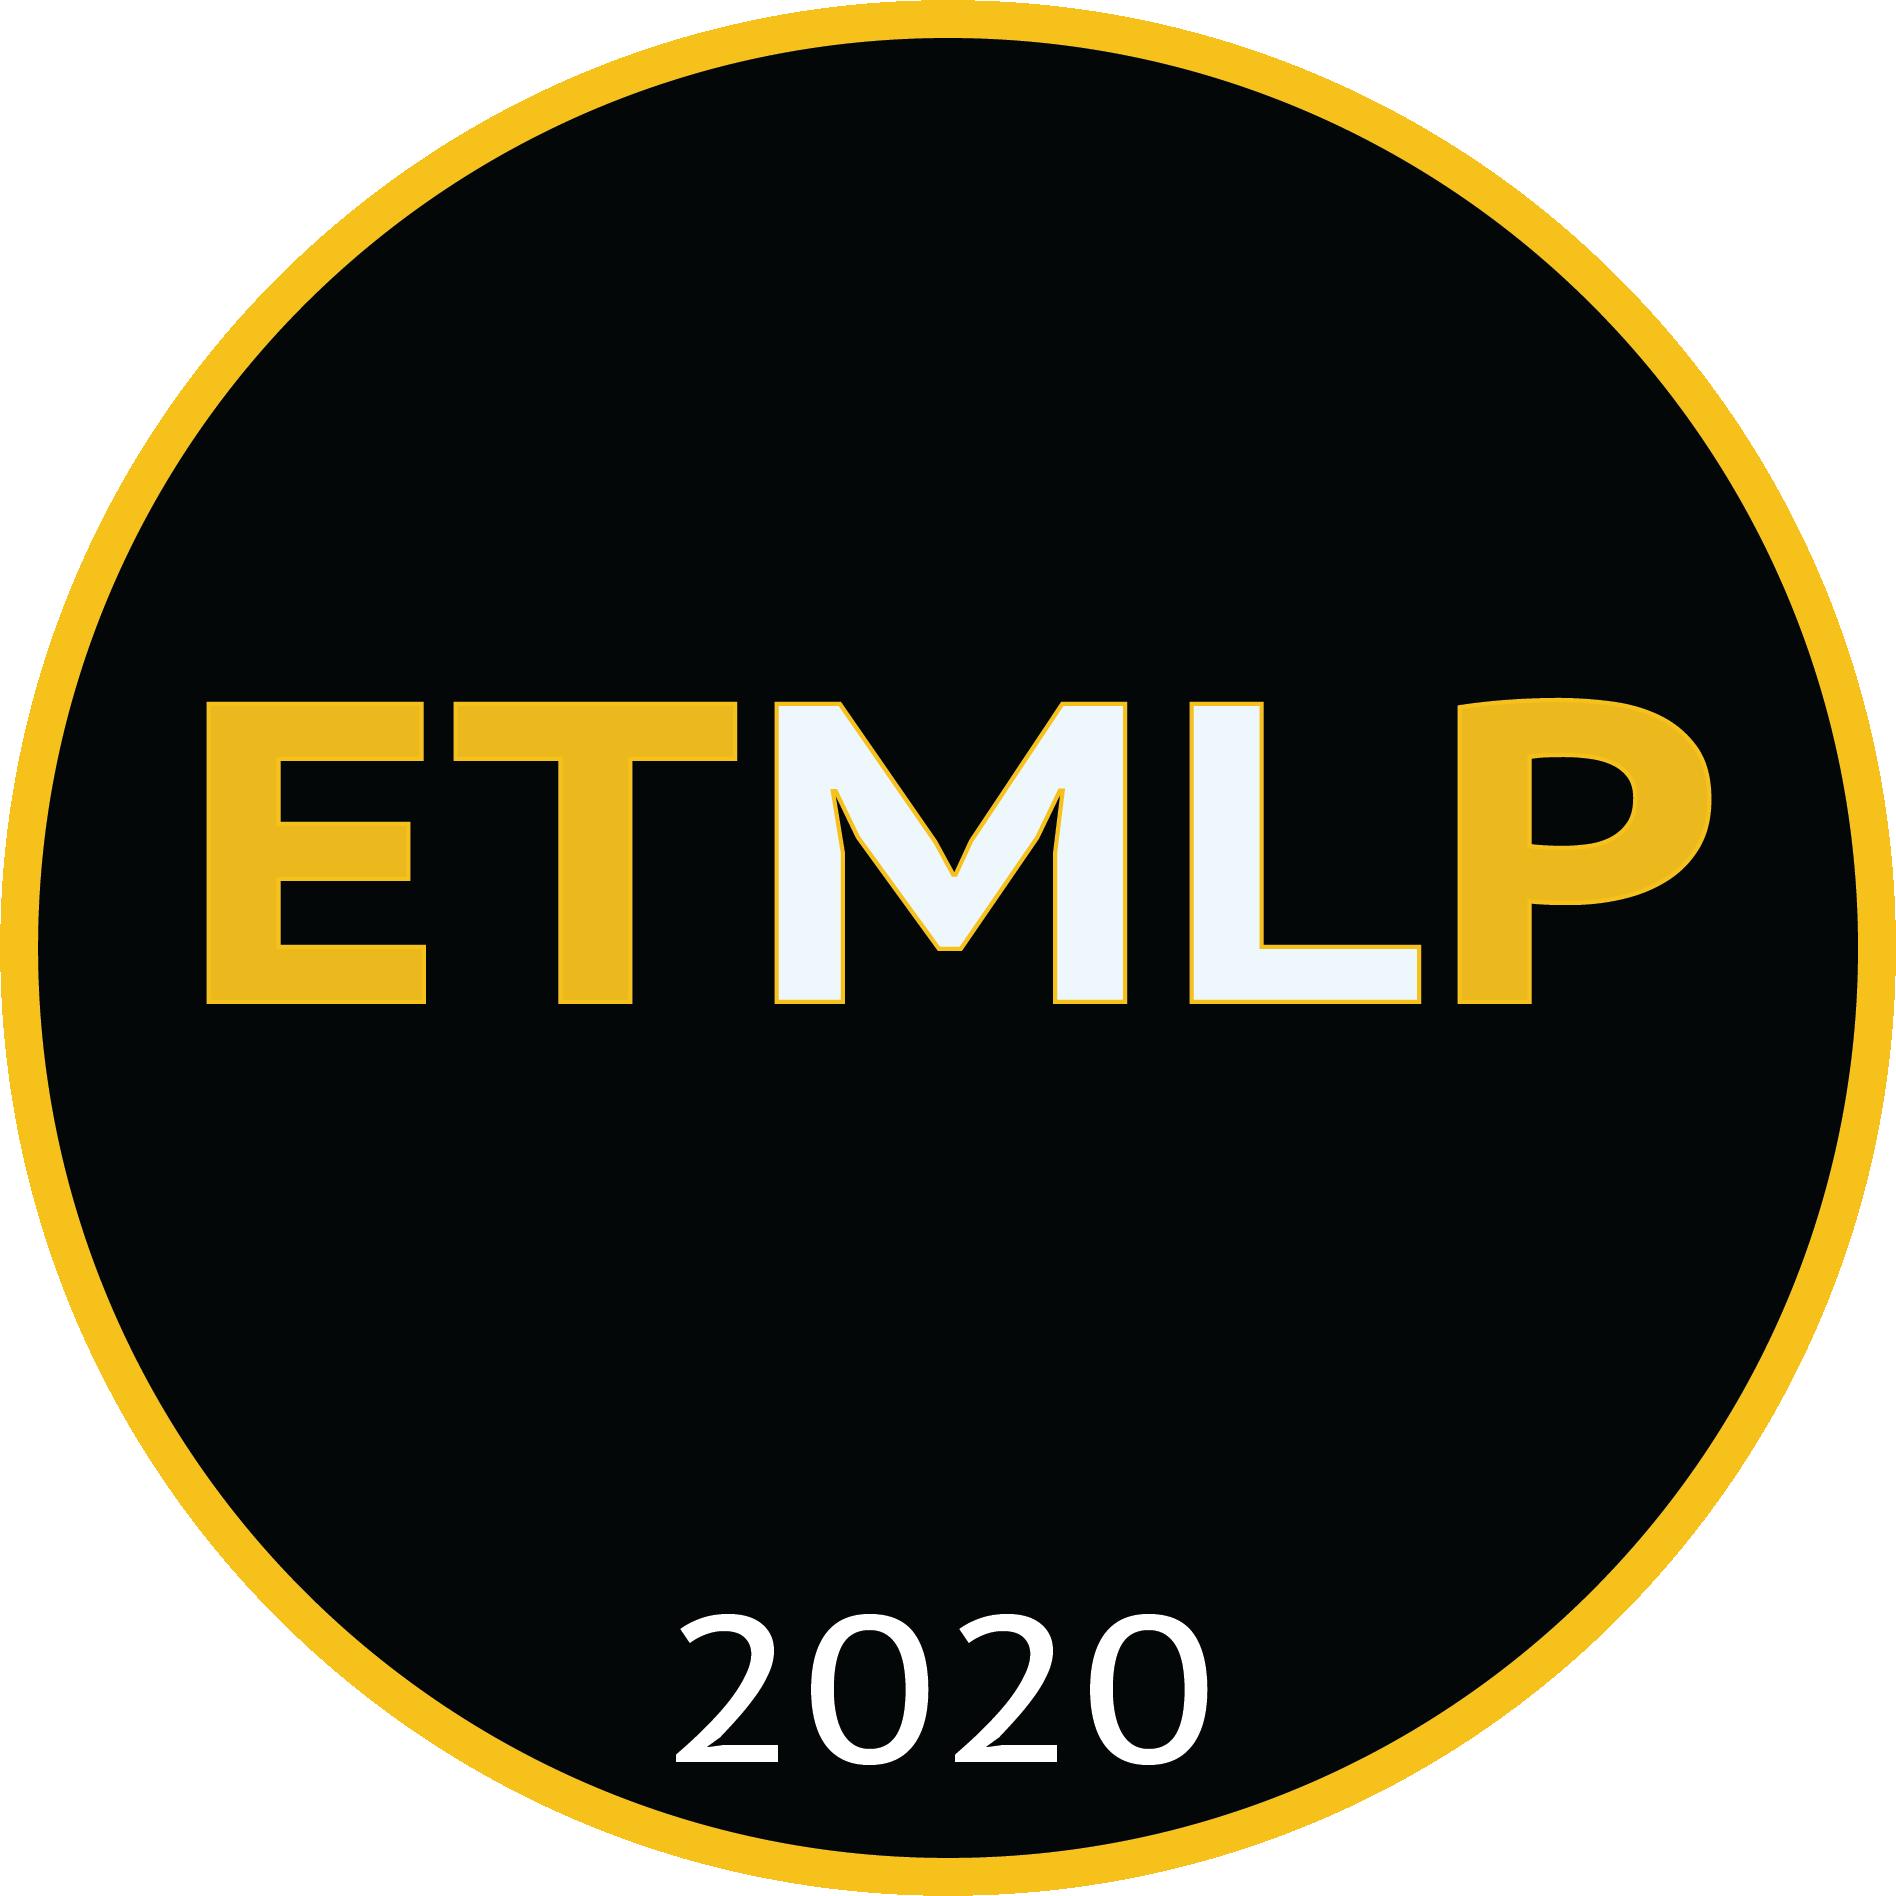 ETMLP 2020